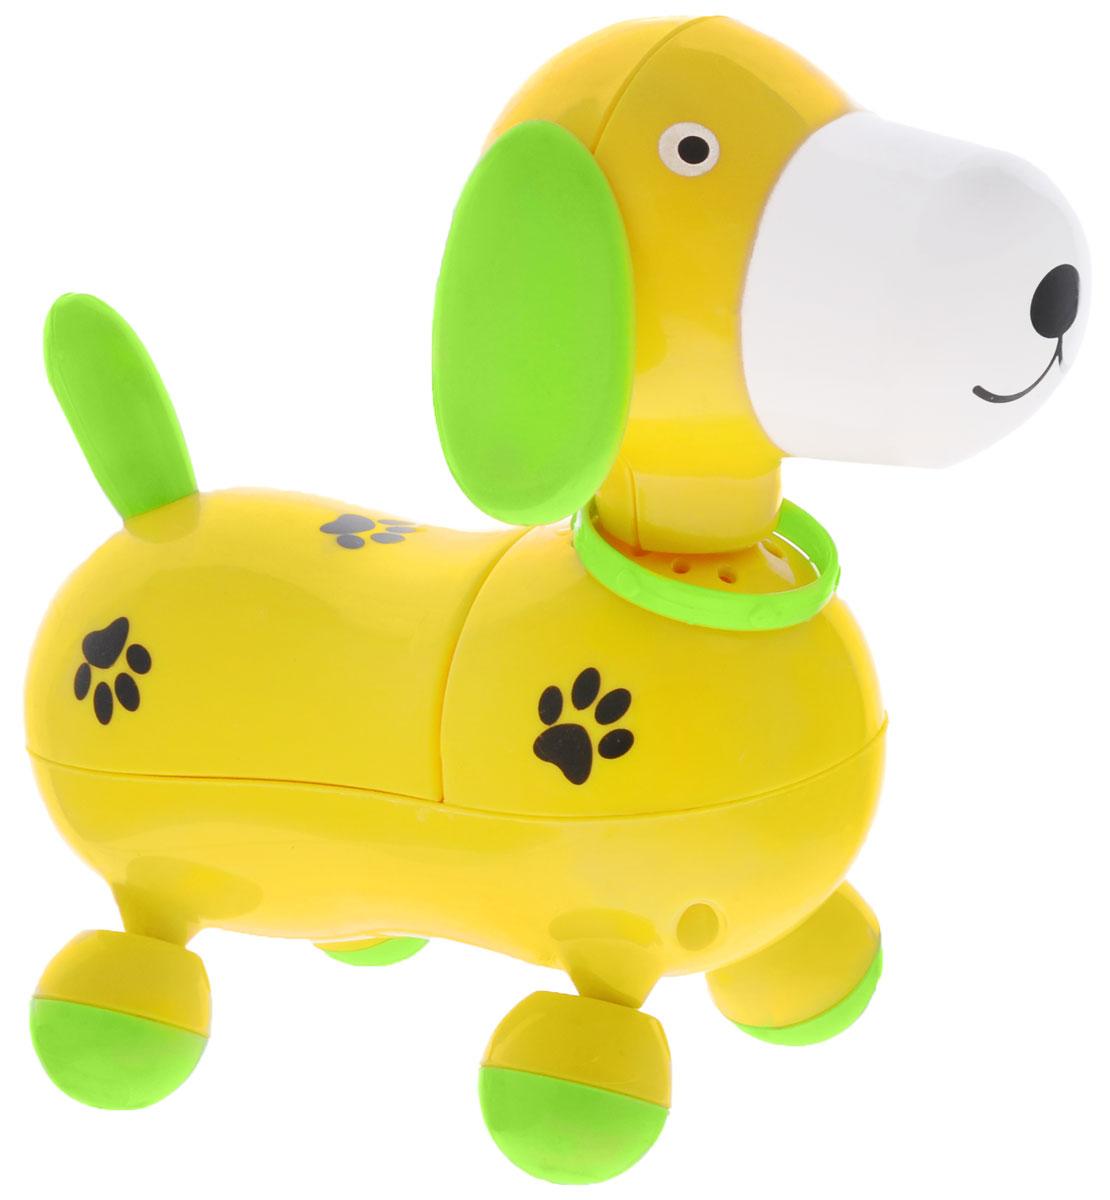 Mommy Love Электронная развивающая игрушка Веселый щенок цвет желтый